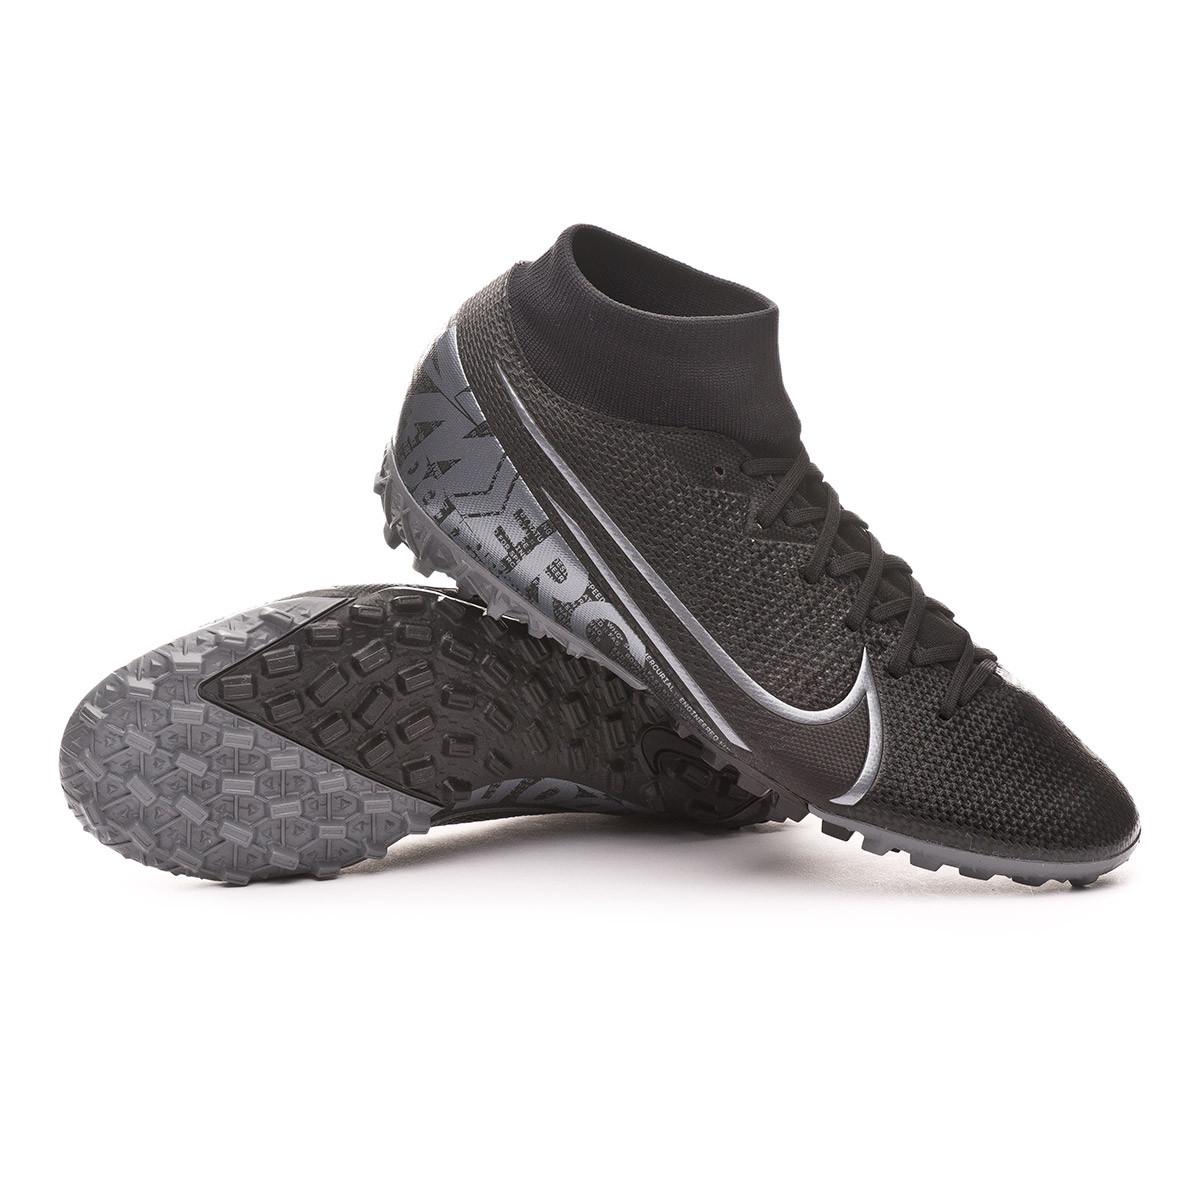 alcanzar Cartas credenciales Elasticidad  Bota de fútbol Nike Mercurial Superfly VII Academy Turf Black-Metallic cool  grey - Tienda de fútbol Fútbol Emotion